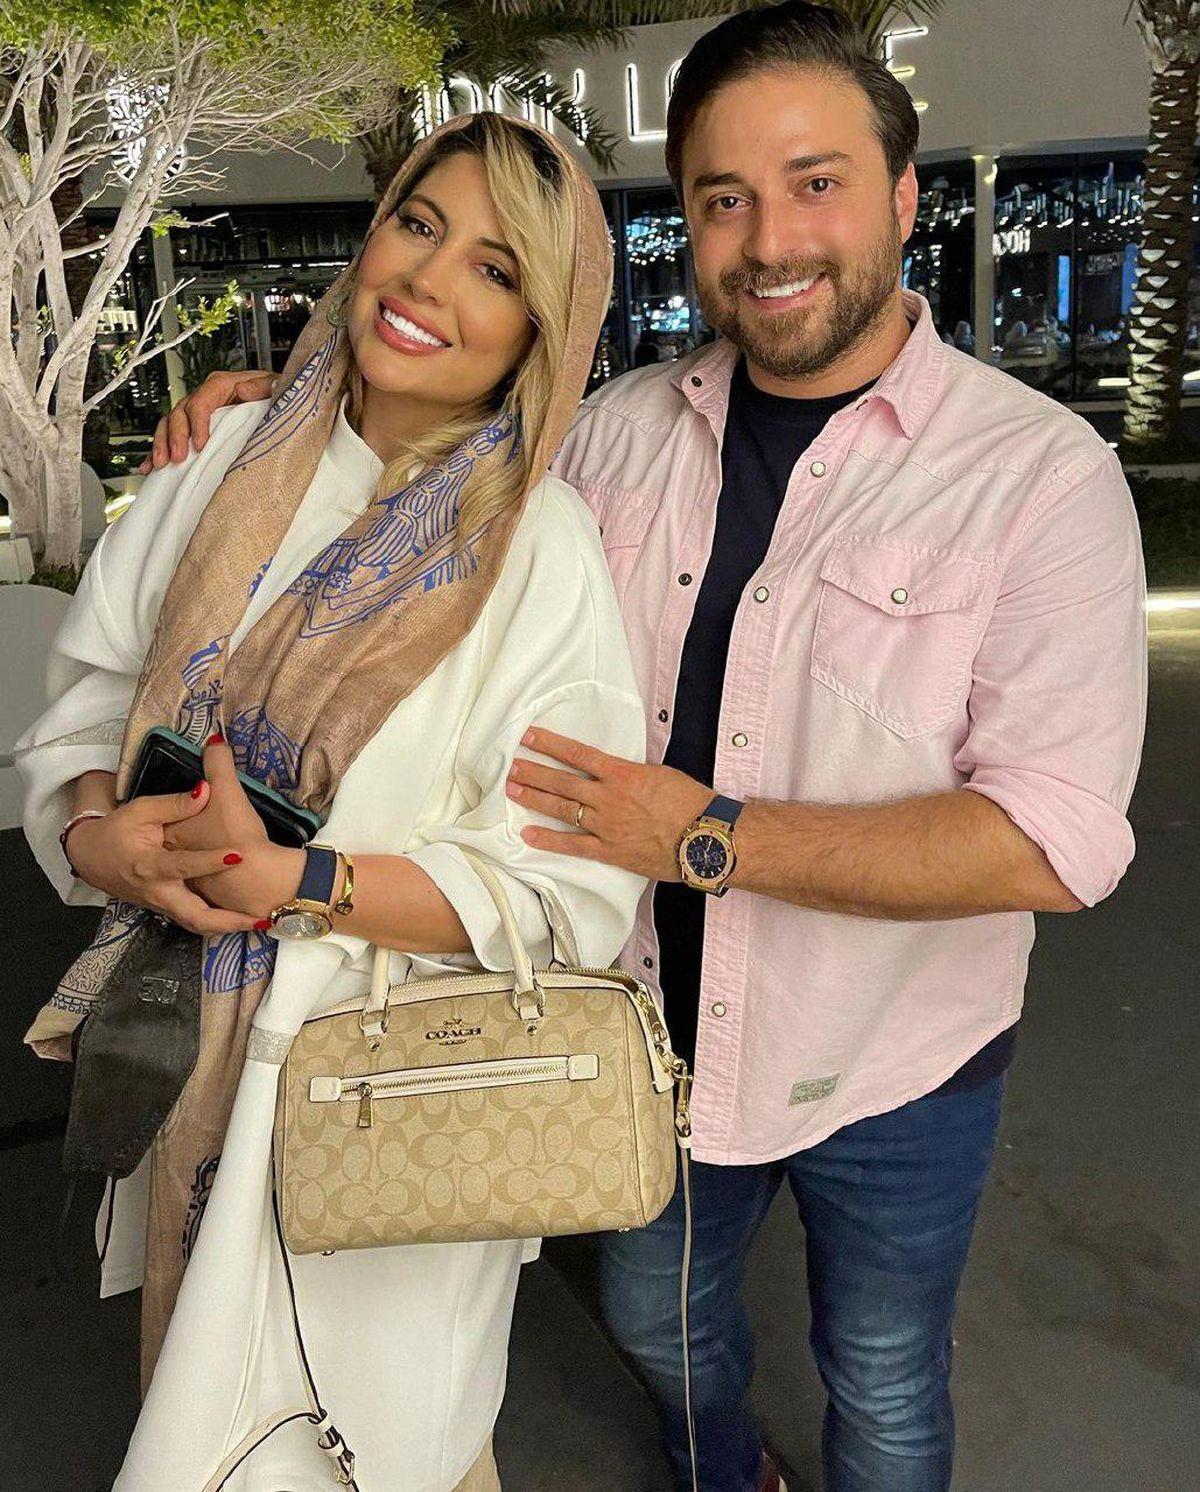 بابک جهانبخش و همسرش در مکانی لوکس+ عکس